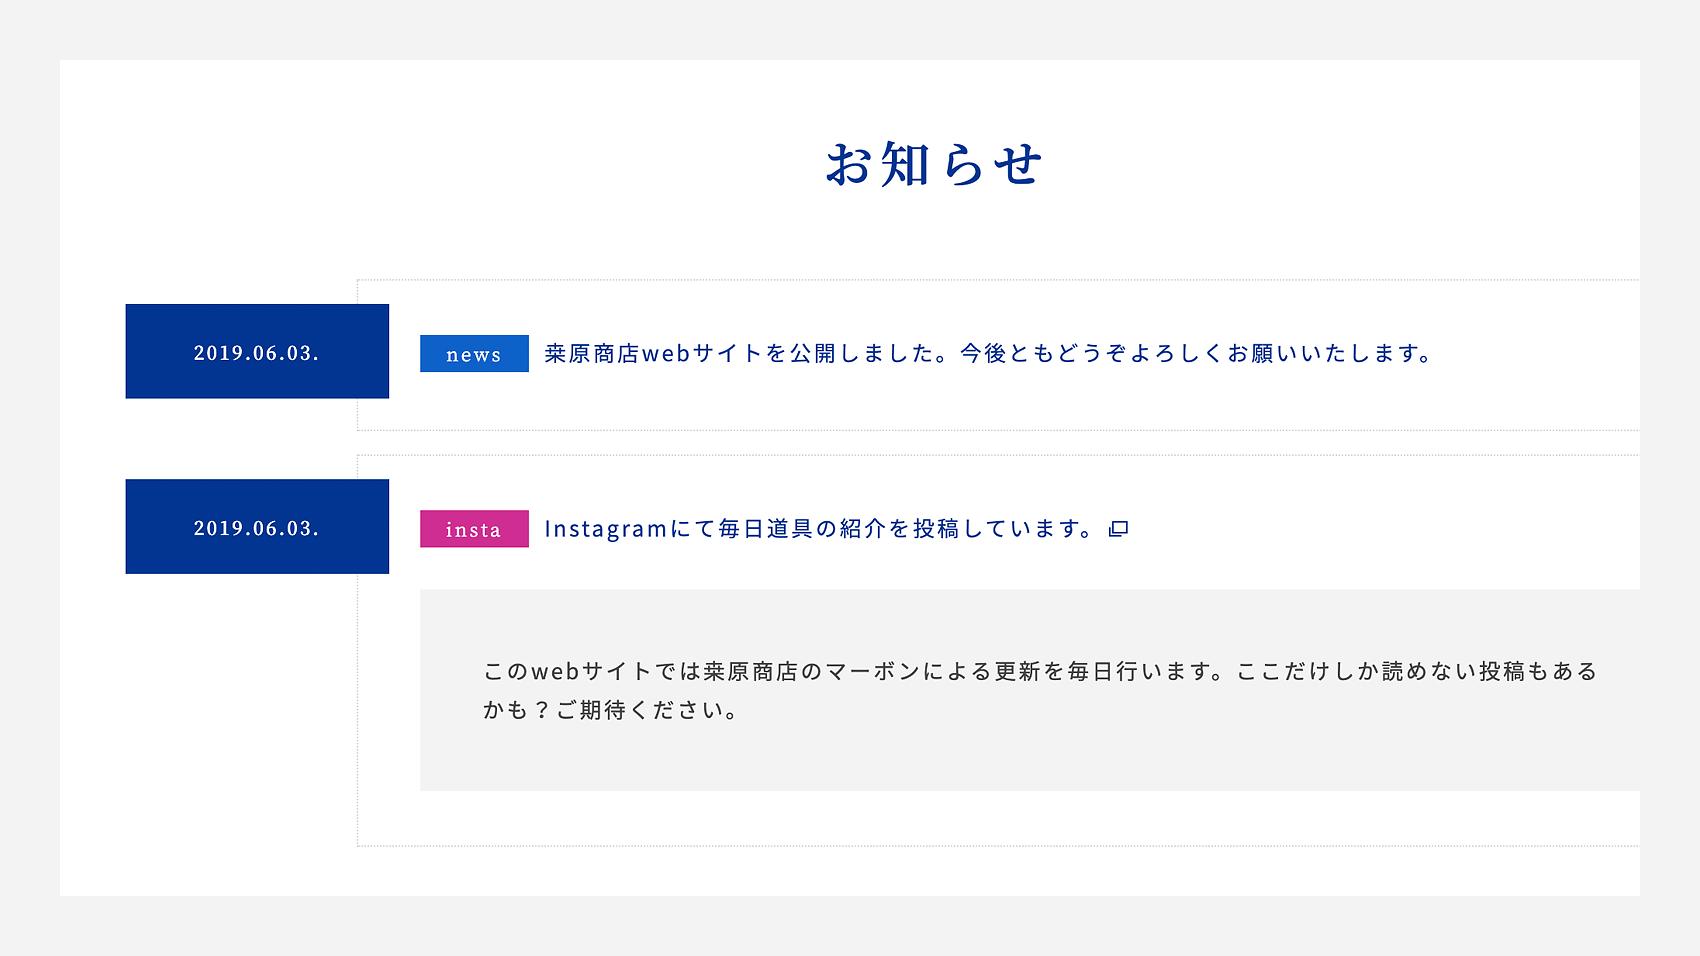 桒原商店のnews領域